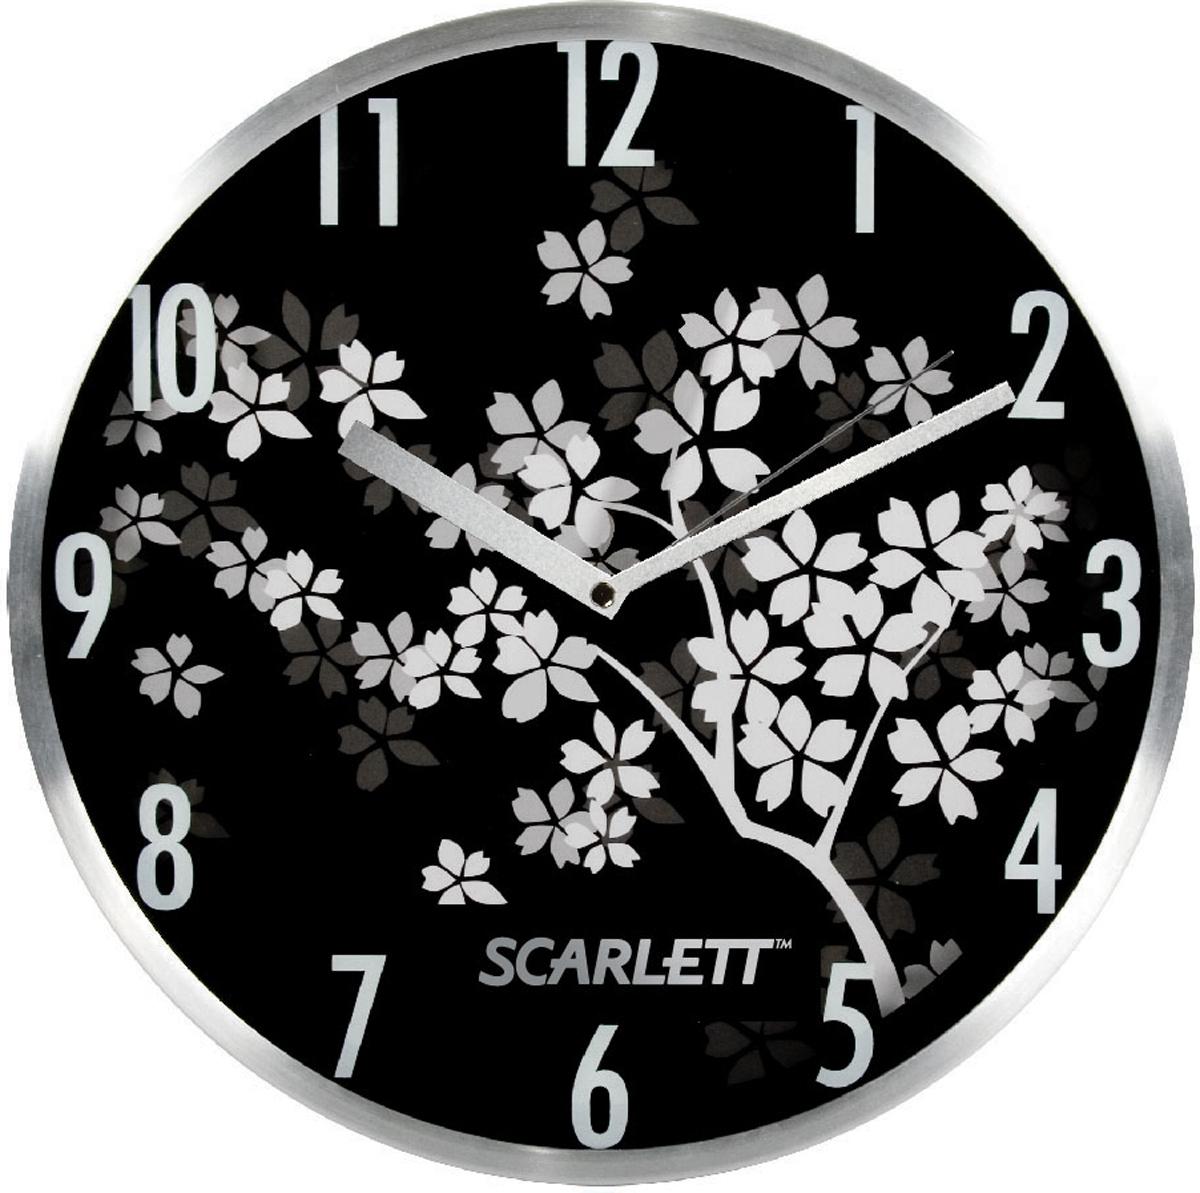 Настенные кварцевые часы Scarlett SC-33D, изготовленные из  пластика, прекрасно впишутся в интерьер  вашего дома. Круглые часы имеют три стрелки: часовую,  минутную и секундную, циферблат защищен прозрачным  пластиком.  Часы работают от 1 батарейки типа АА напряжением 1,5 В  (батарейка в комплект не входит).